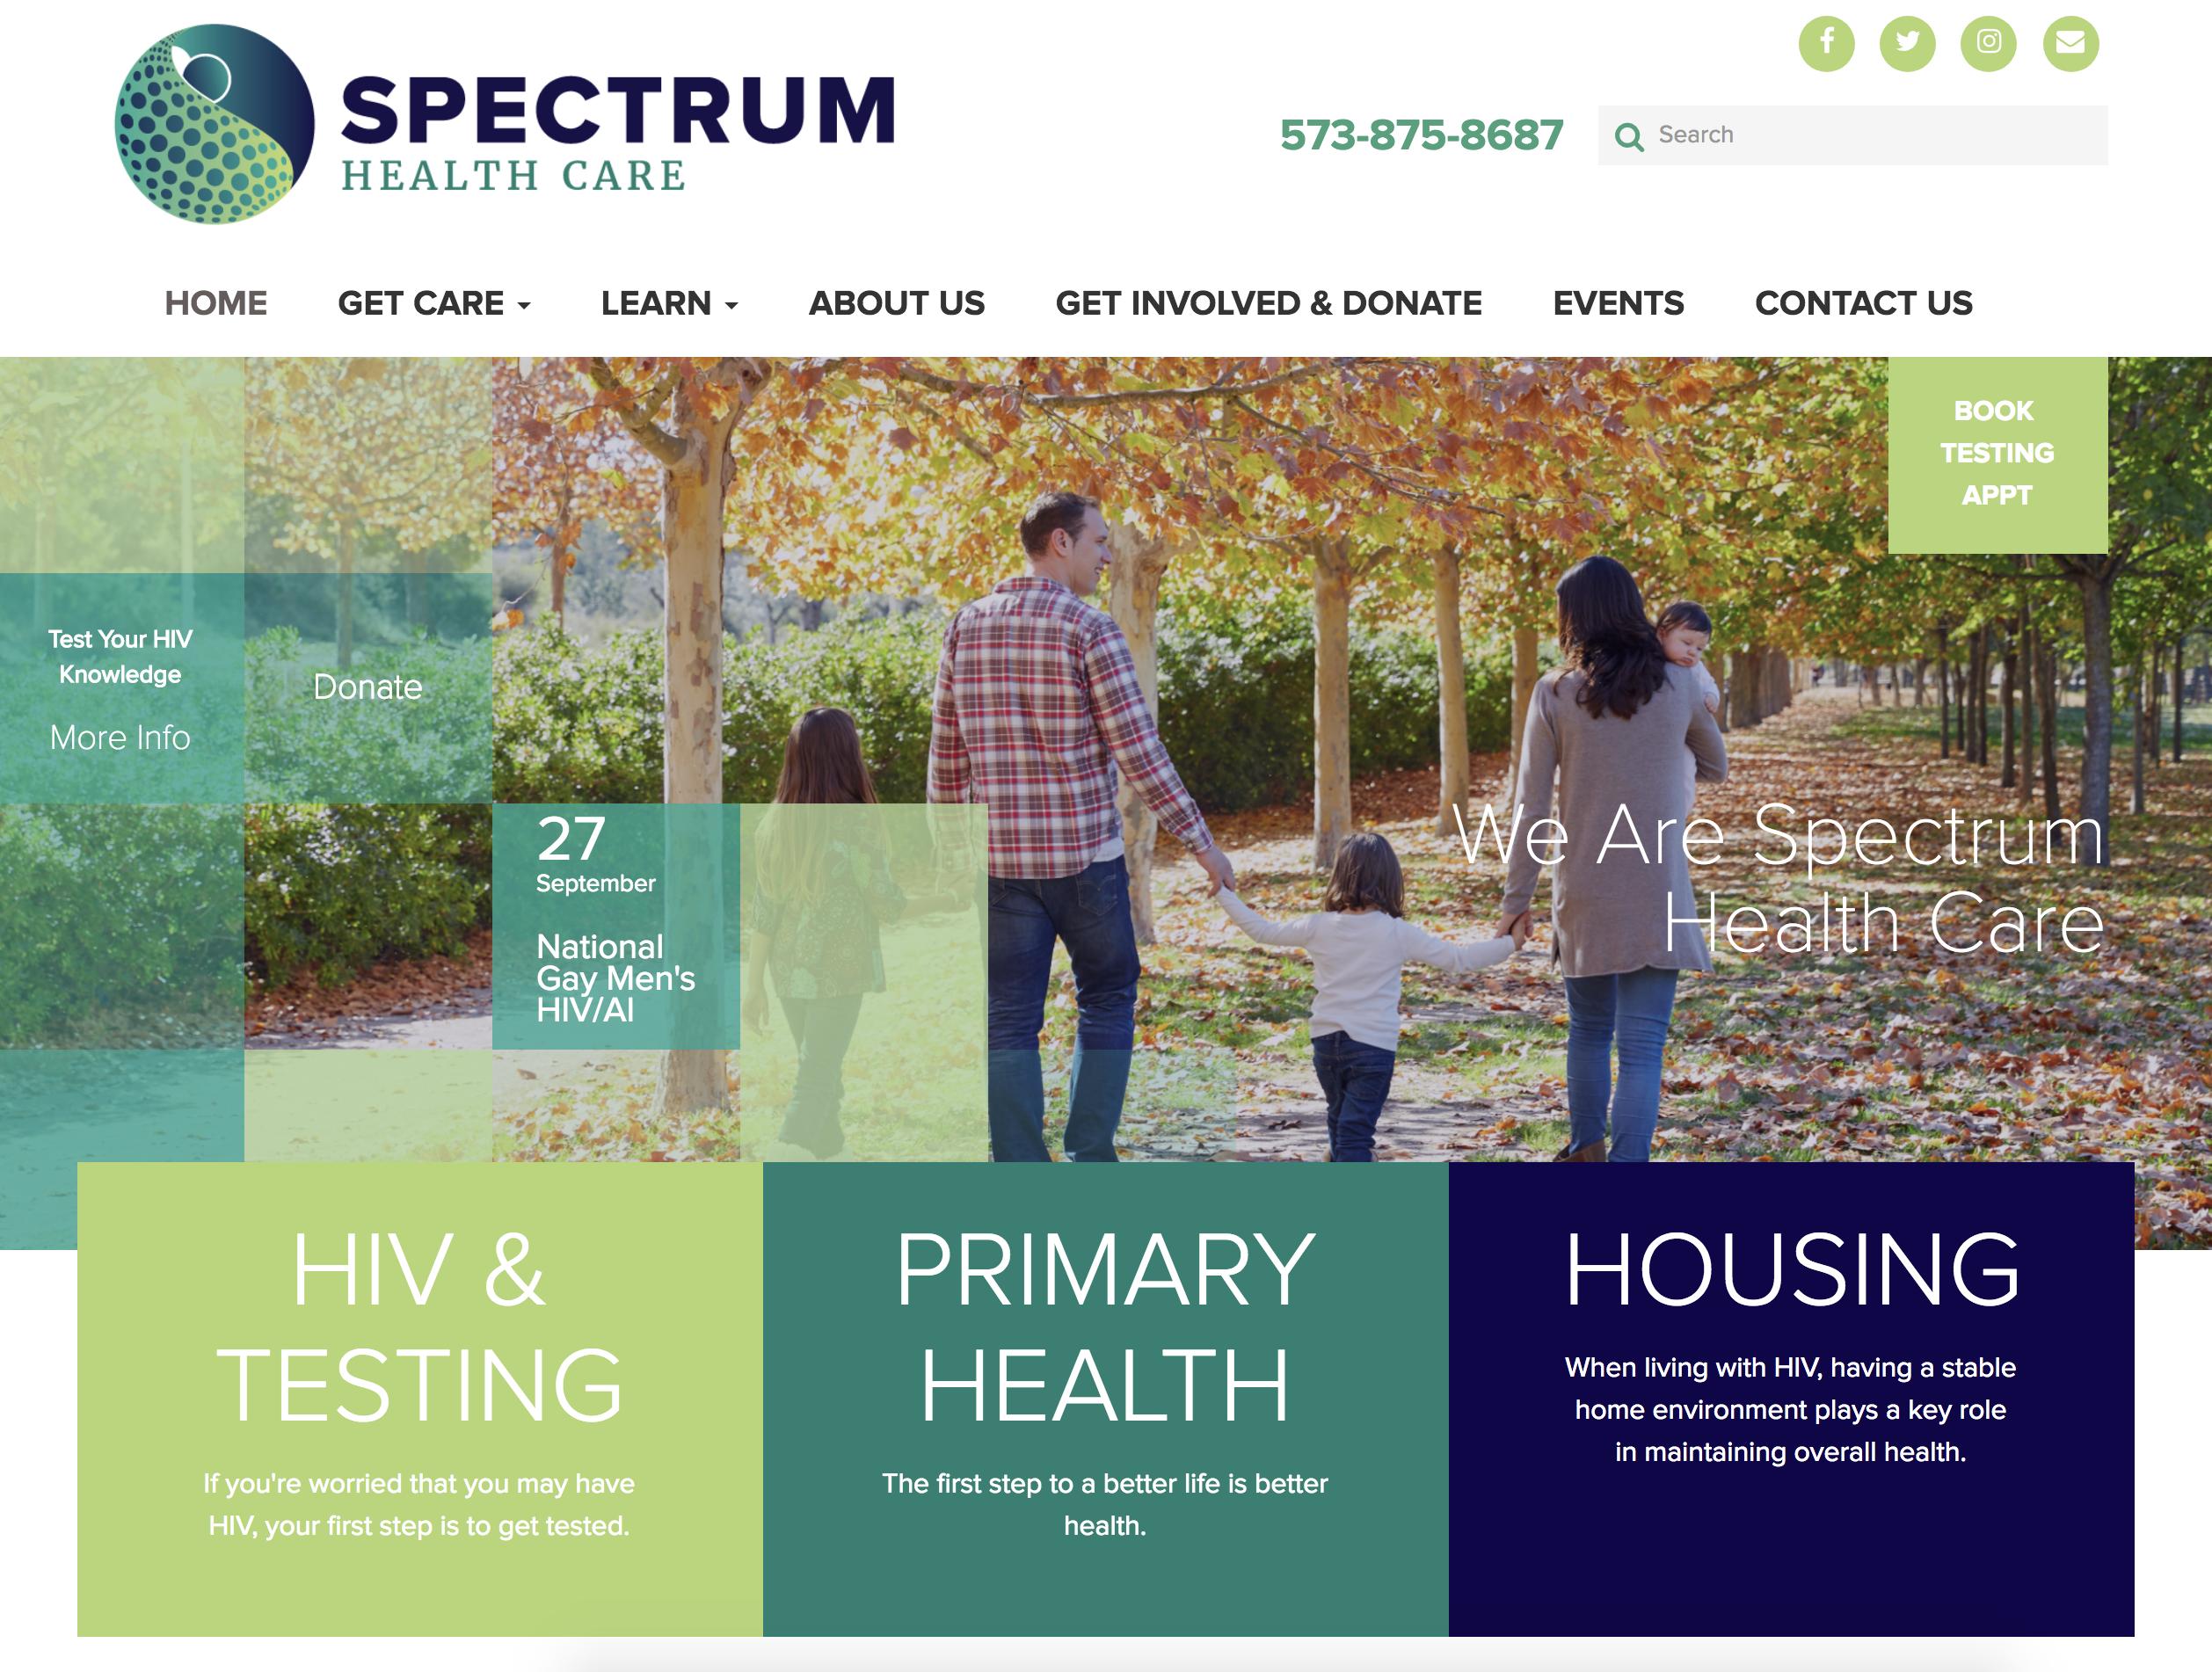 Spectrum Health Care